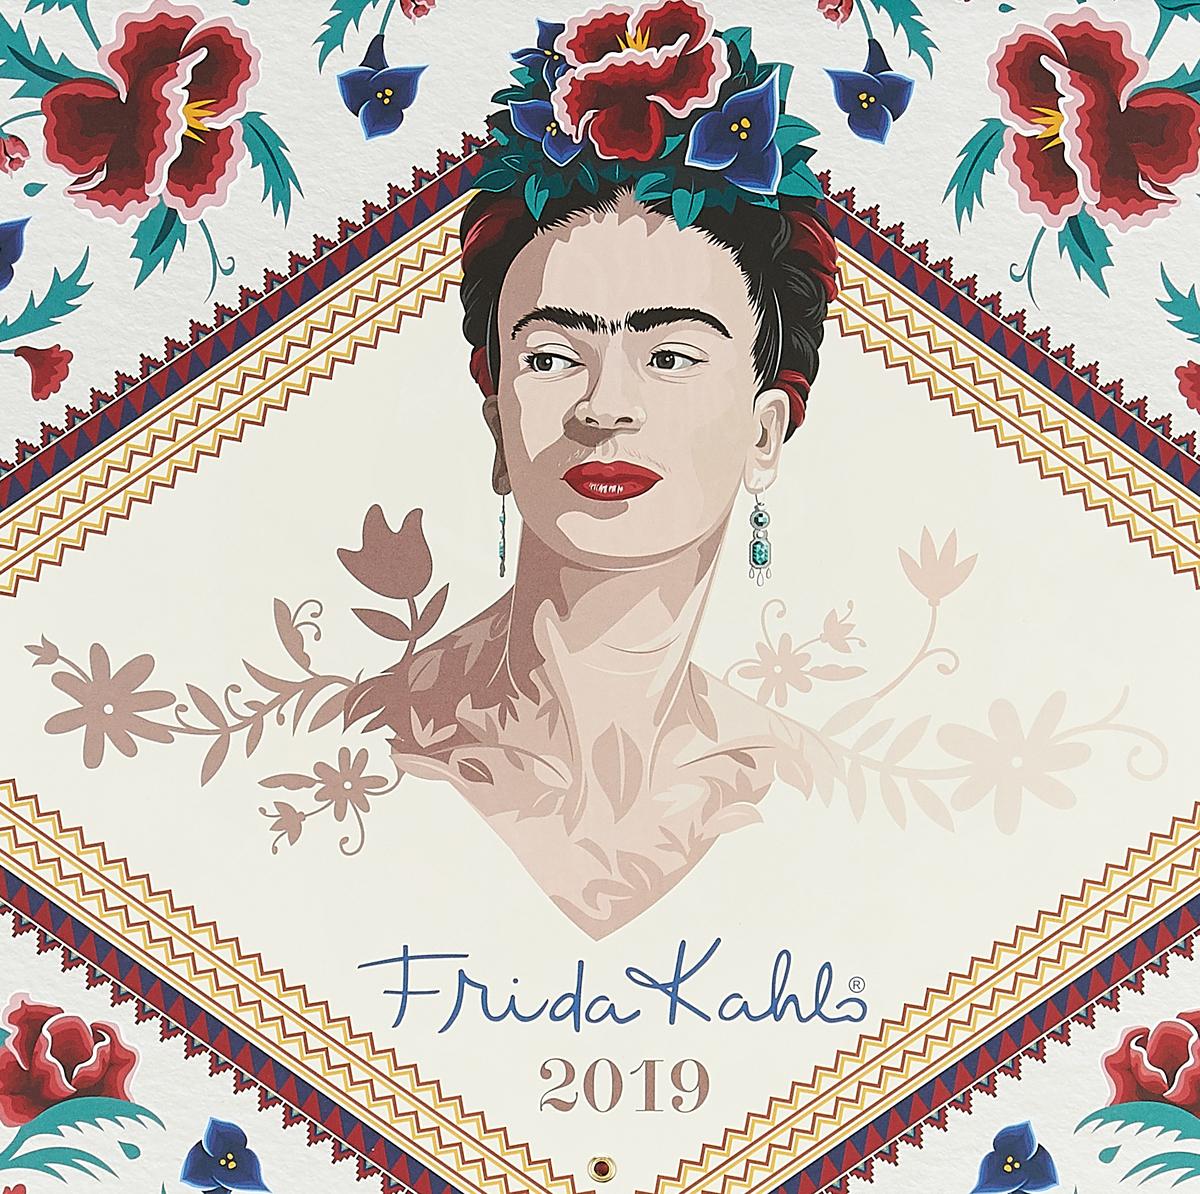 Фрида Кало. Календарь настенный на 2019 год (Арте) фигурная магнитная закладка фрида кало зелёная арте